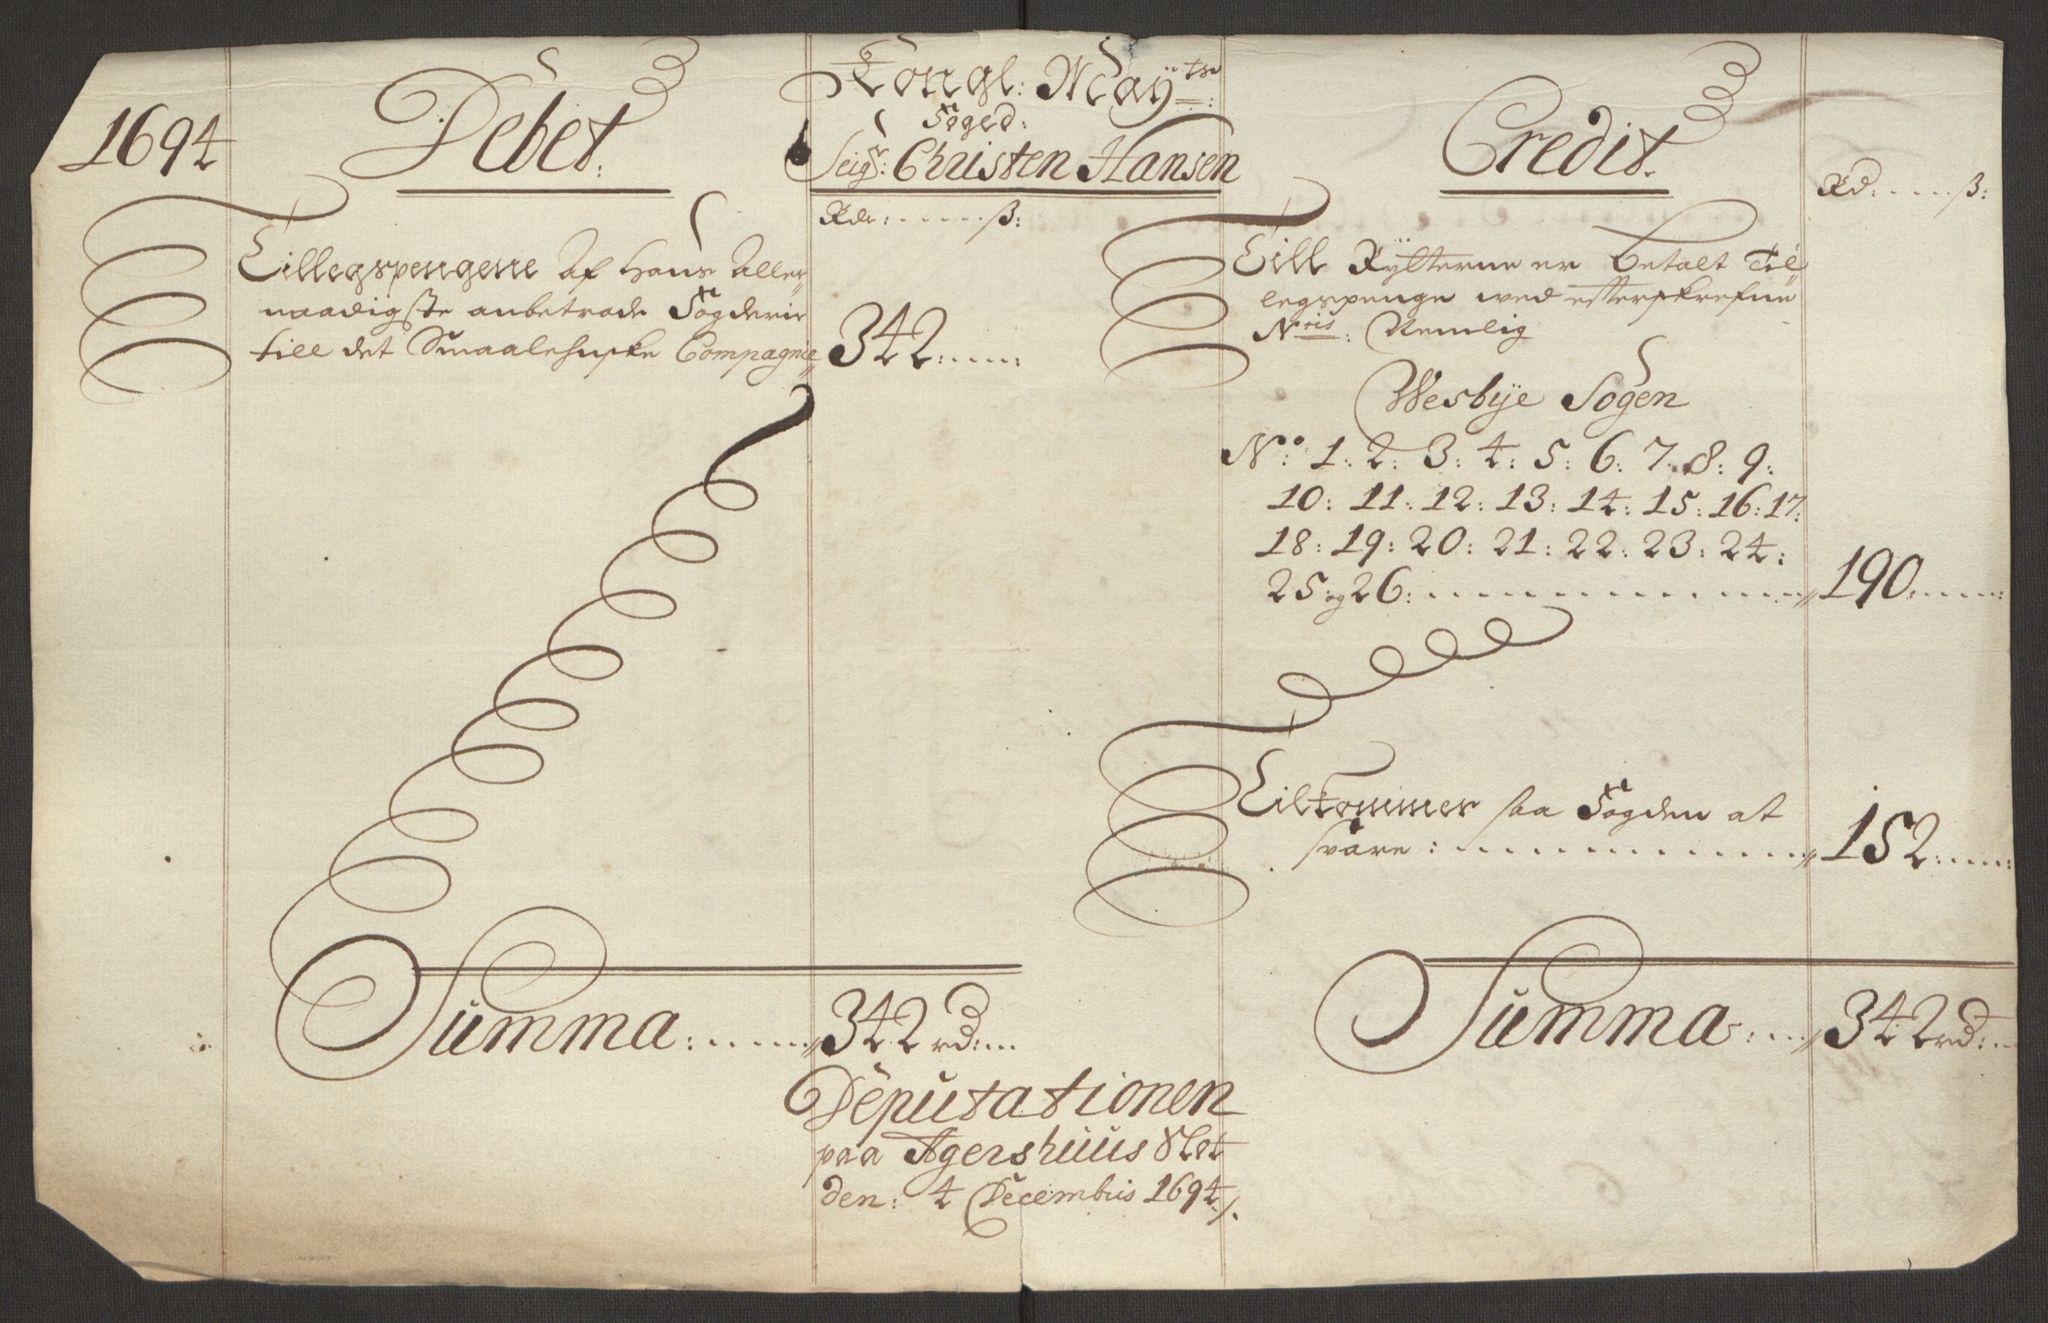 RA, Rentekammeret inntil 1814, Reviderte regnskaper, Fogderegnskap, R10/L0438: Fogderegnskap Aker og Follo, 1694, s. 257